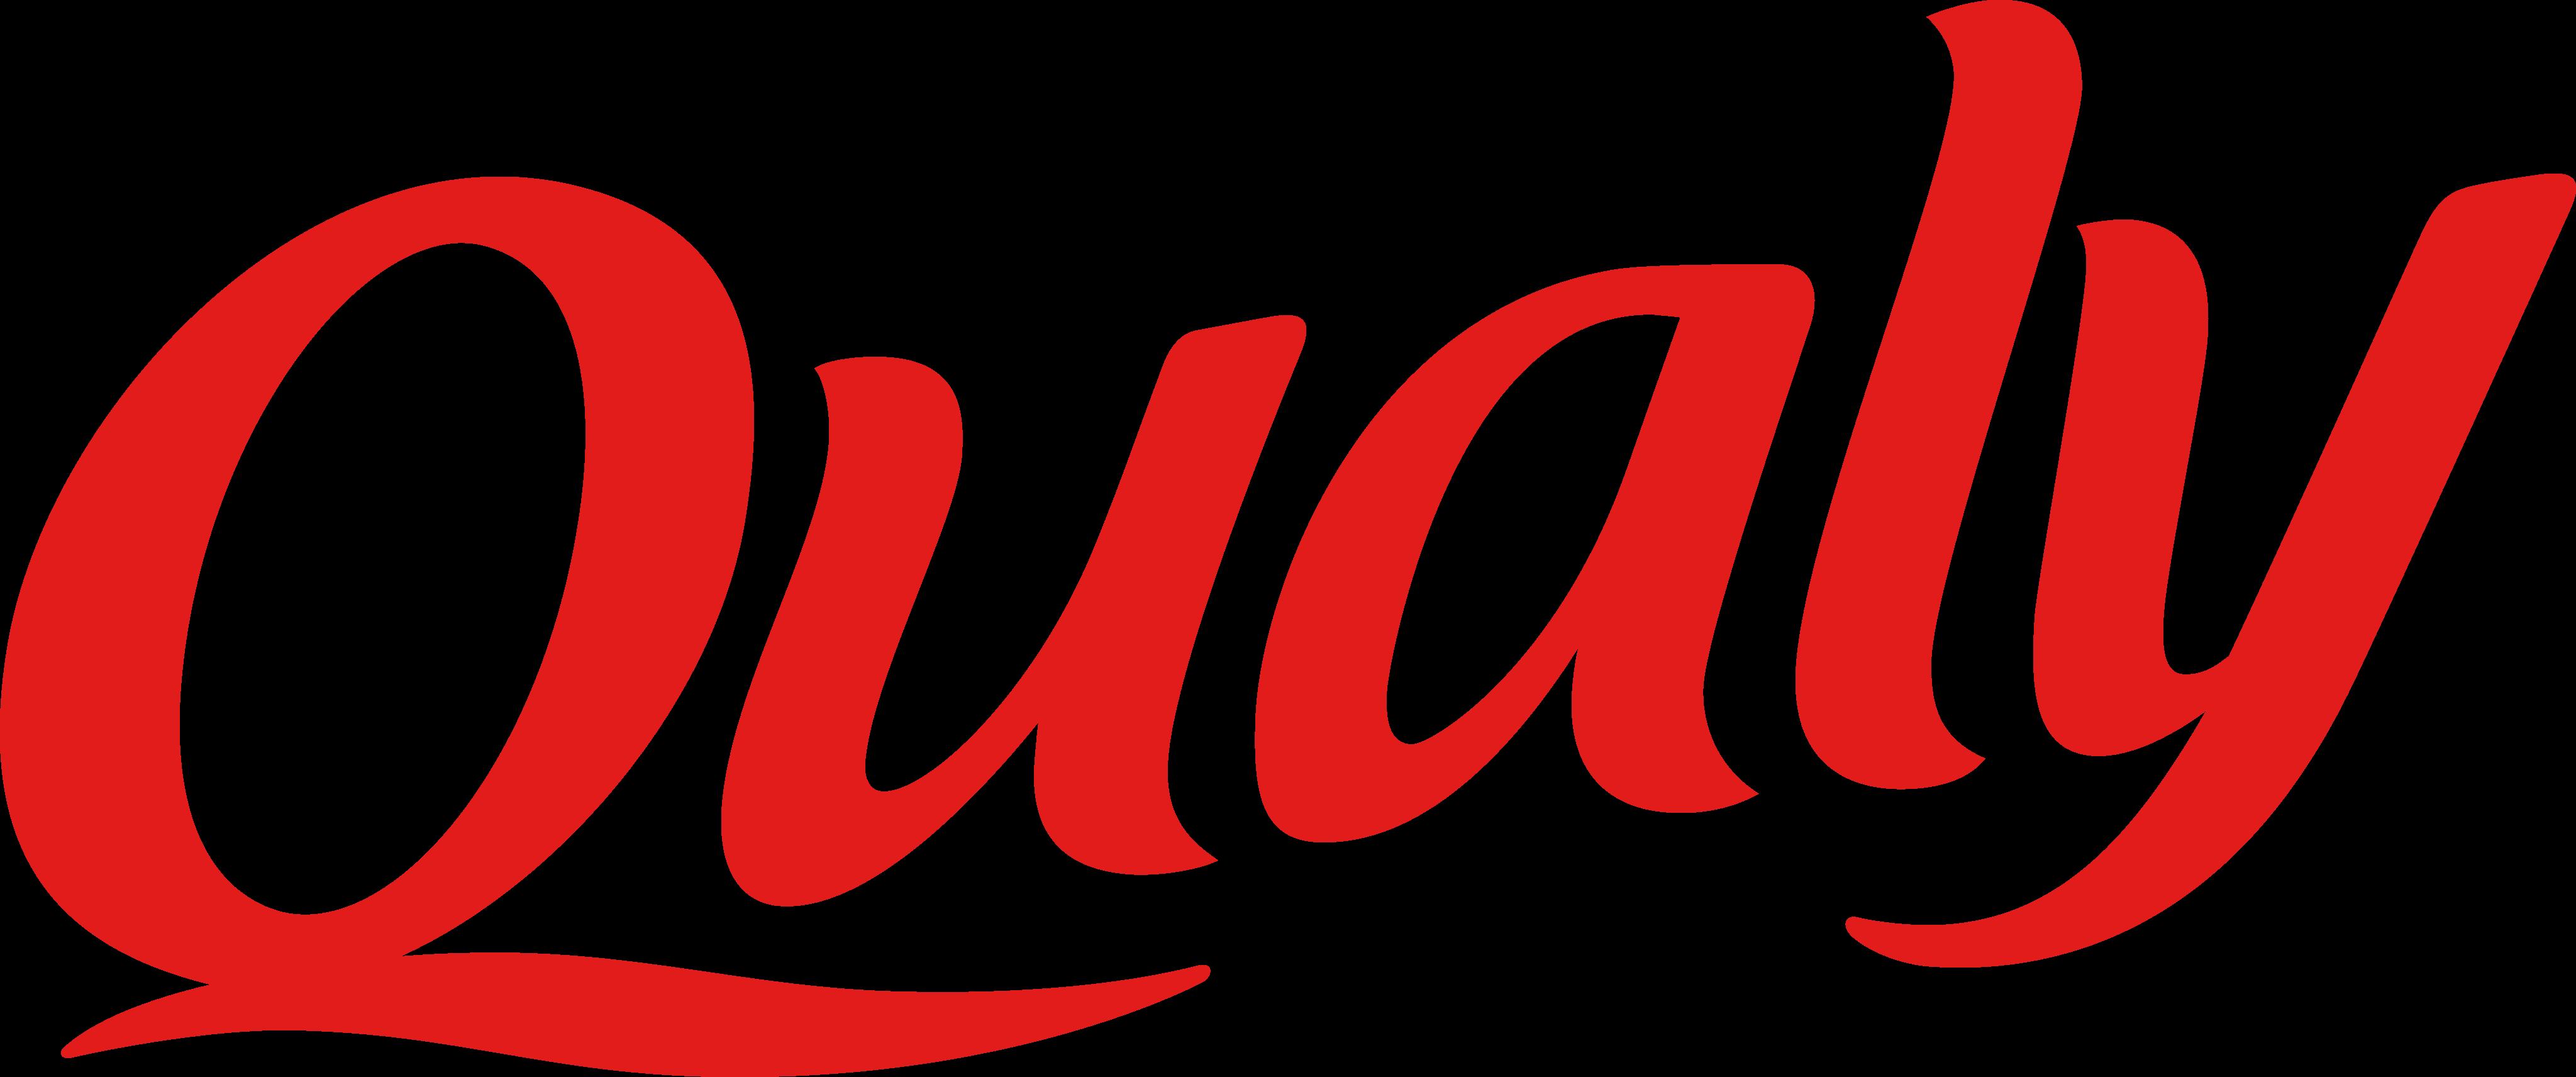 Qualy Logo.